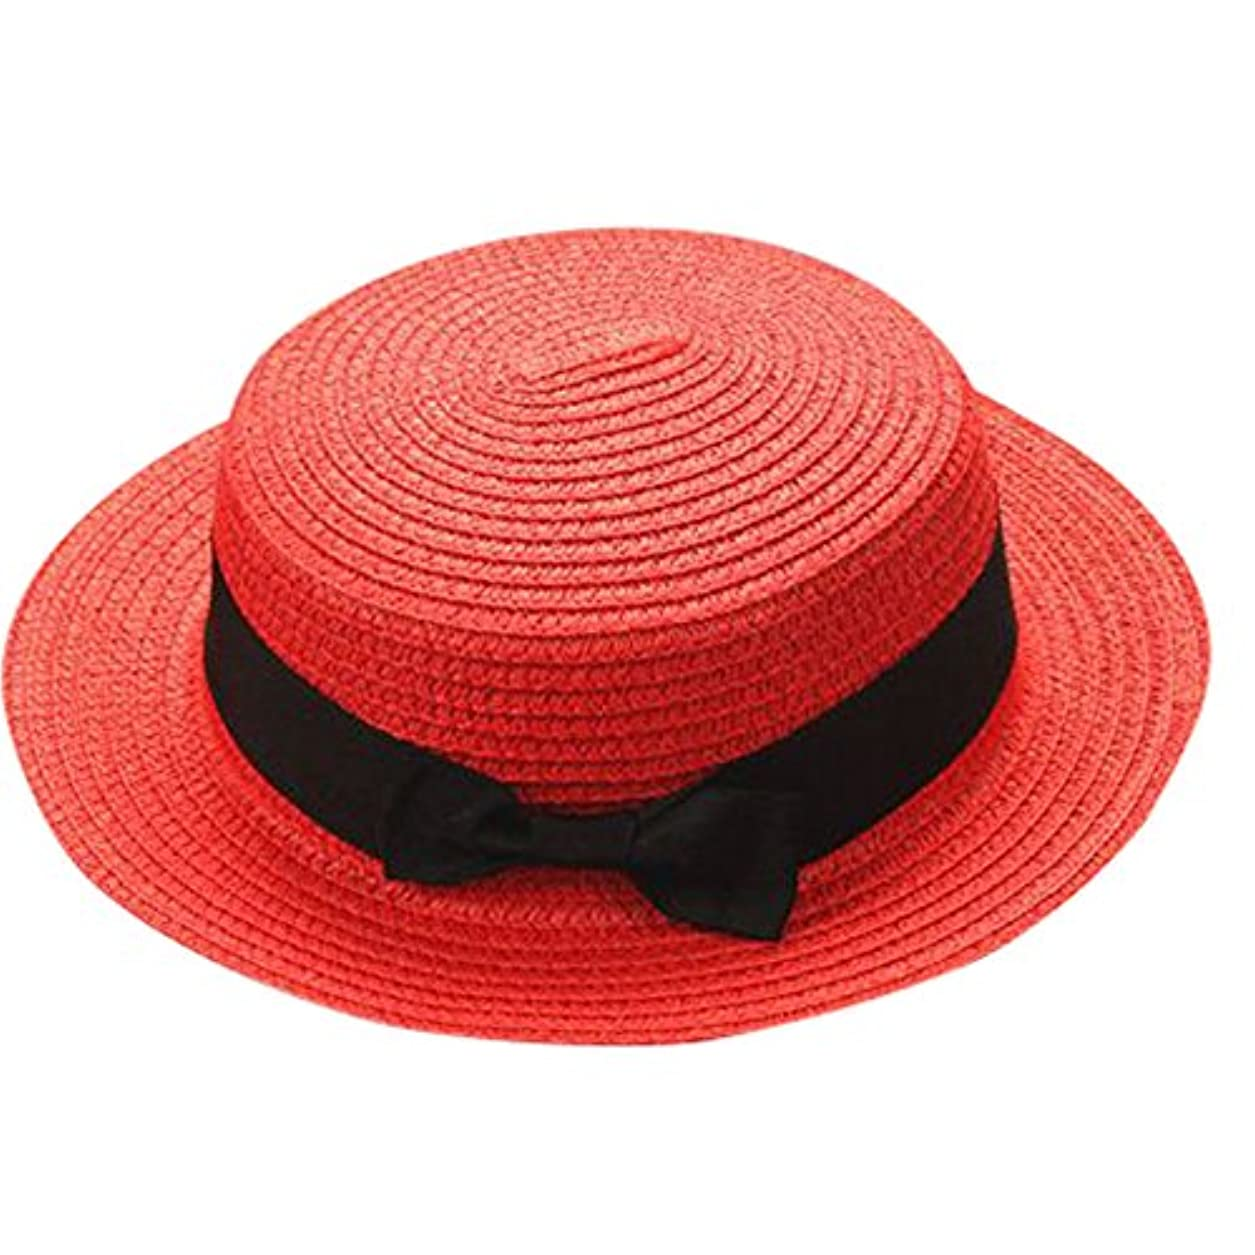 部屋を掃除する望ましいアマチュアキャップ キッズ 日よけ 帽子 小顔効果抜群 旅行用 日よけ 夏 ビーチ 海辺 かわいい リゾート 紫外線対策 男女兼用 日焼け防止 熱中症予防 取り外すあご紐 つば広 おしゃれ 可愛い 夏 ROSE ROMAN